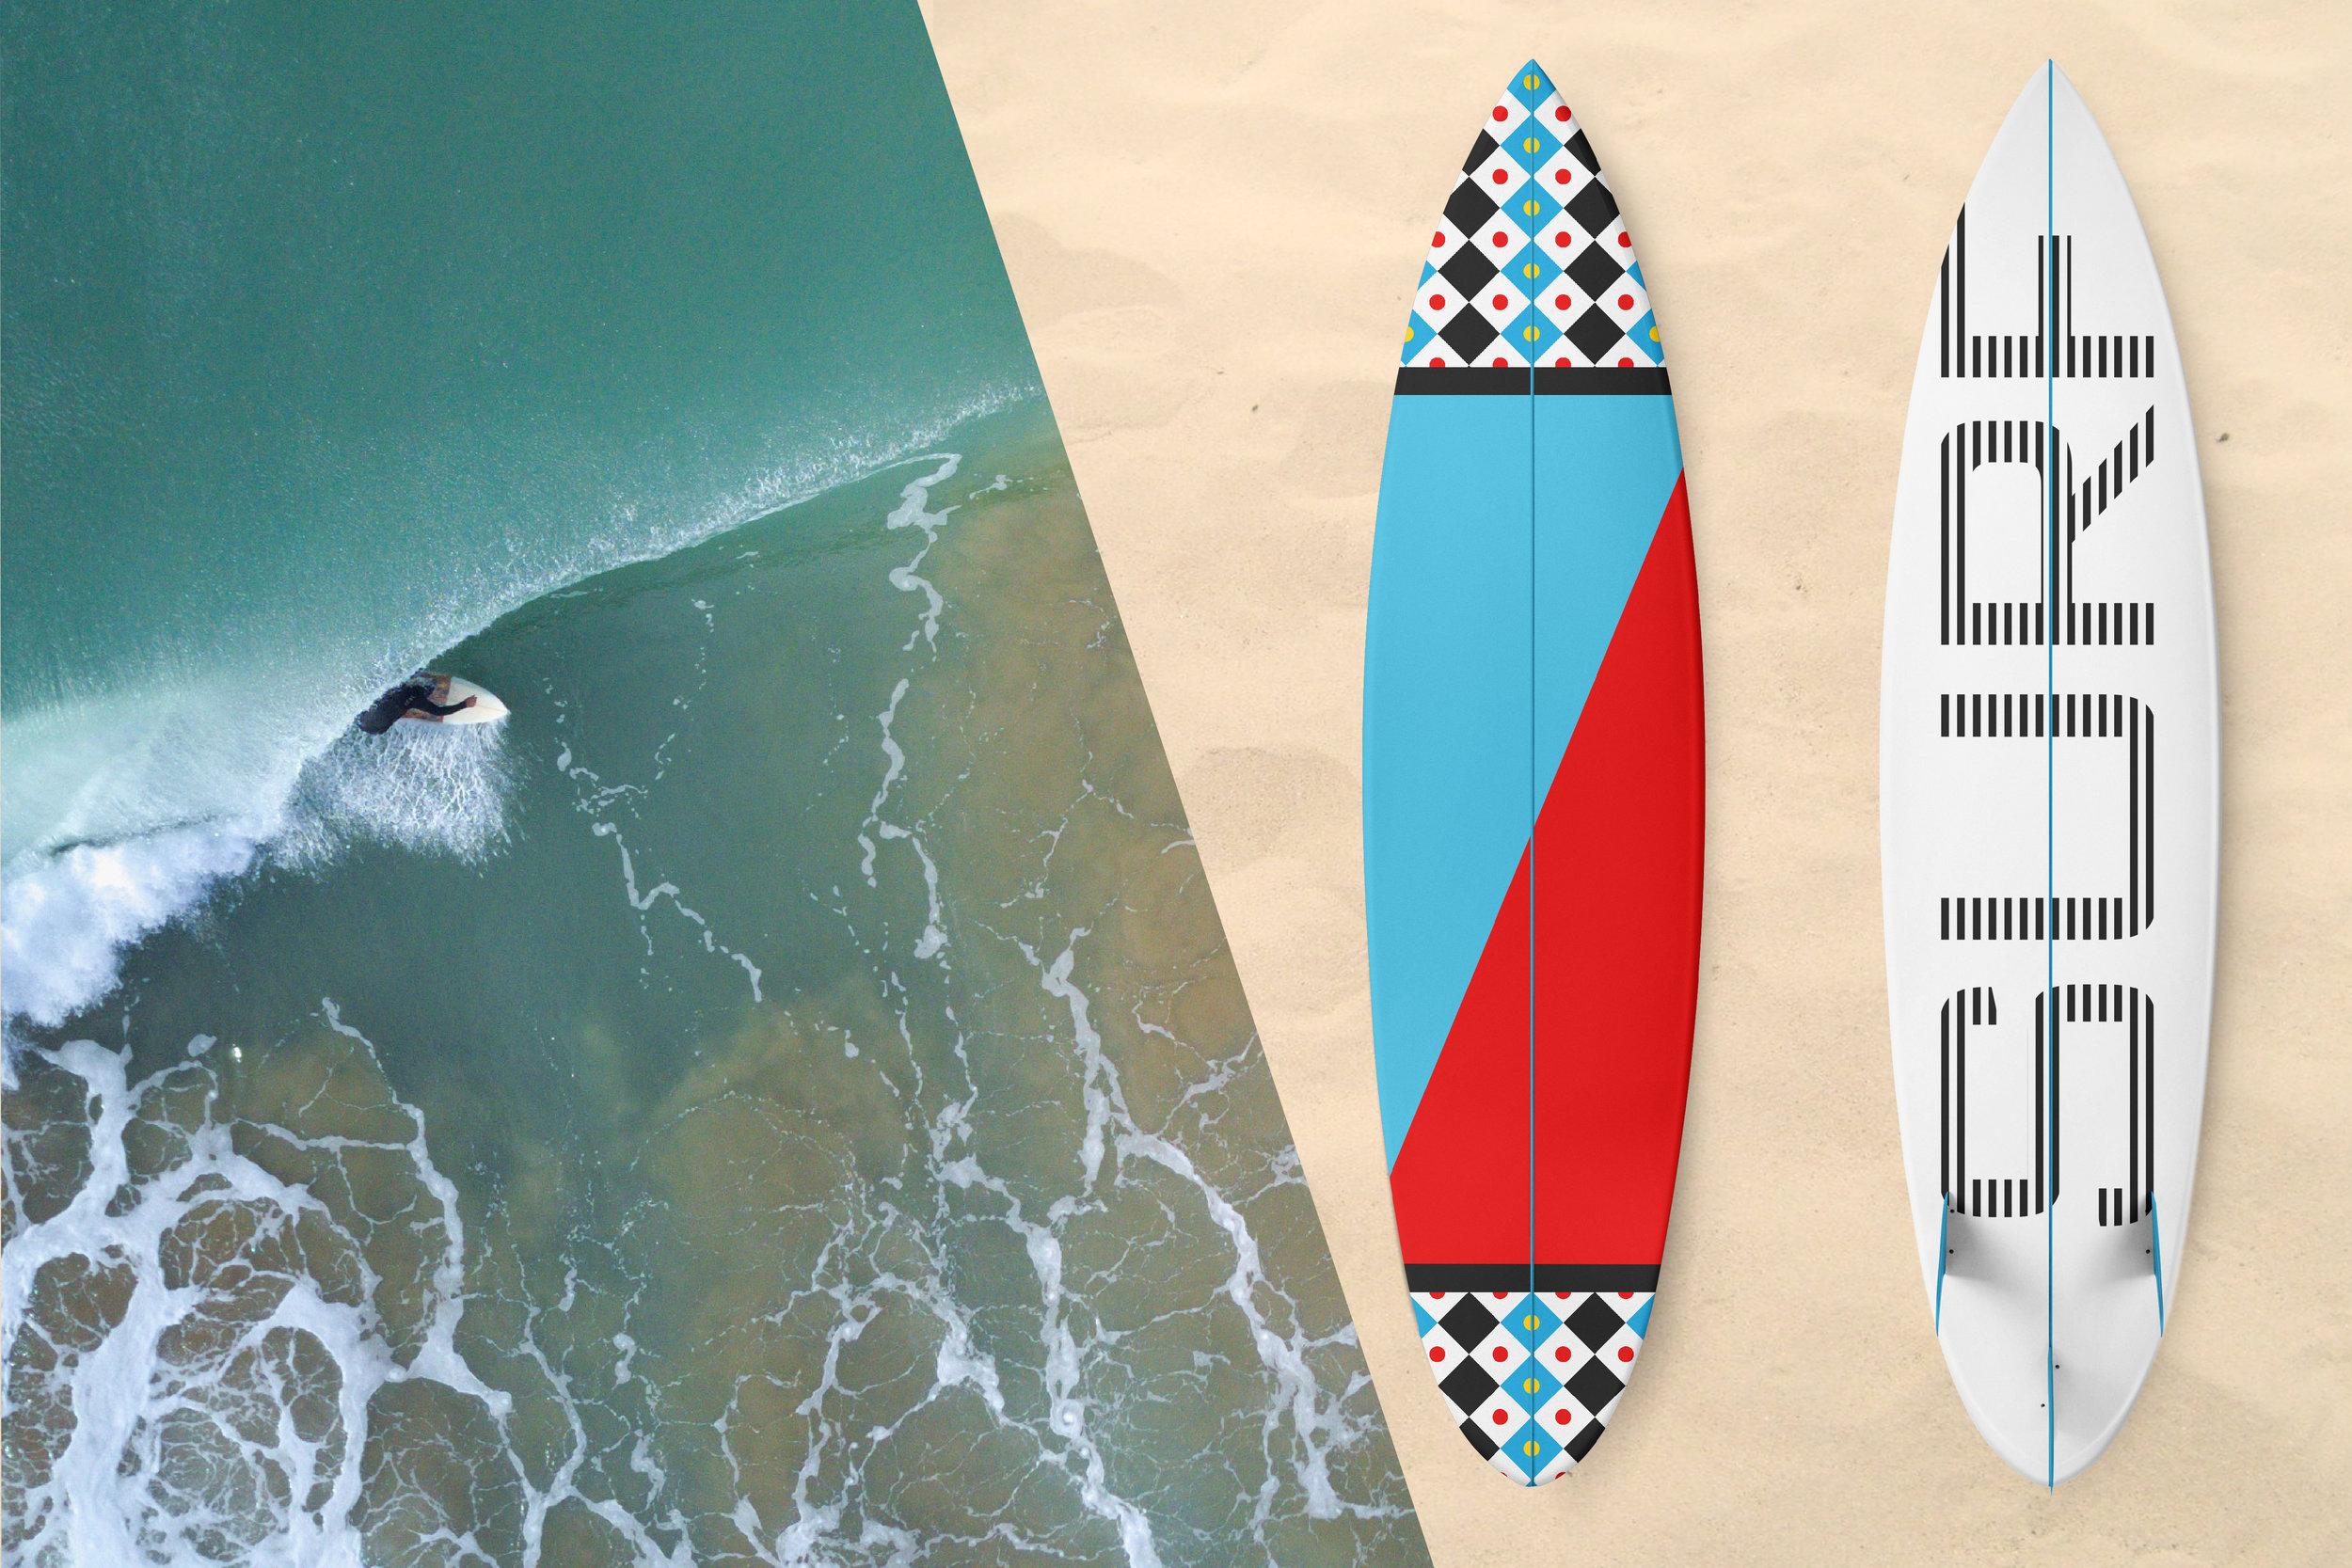 Zen Geo designs by Chris Olson. Surfboard art. Wave photo by  Kensuke Saito on  Unsplash